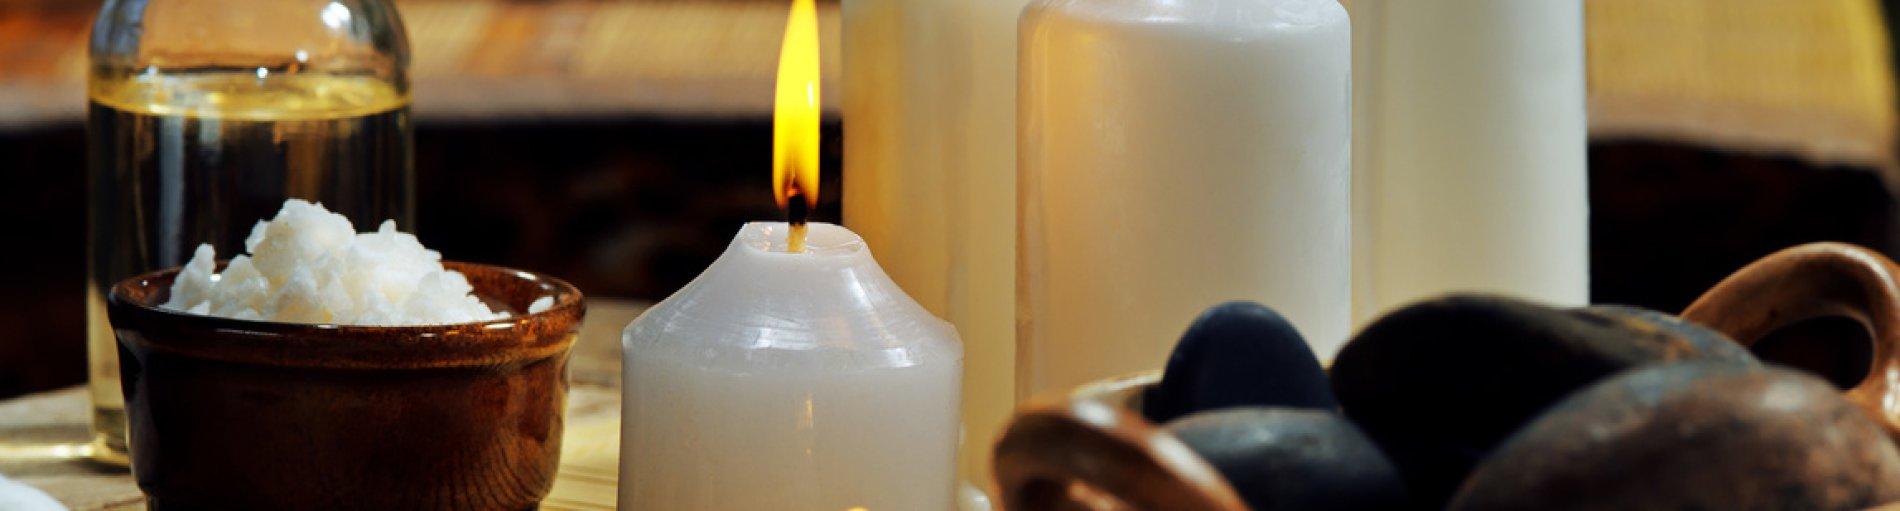 Im Vordergrund brennende Kerzen, Öle und Steine, im Hintergrund eine entspannende Frau mit geschlossenen Augen.